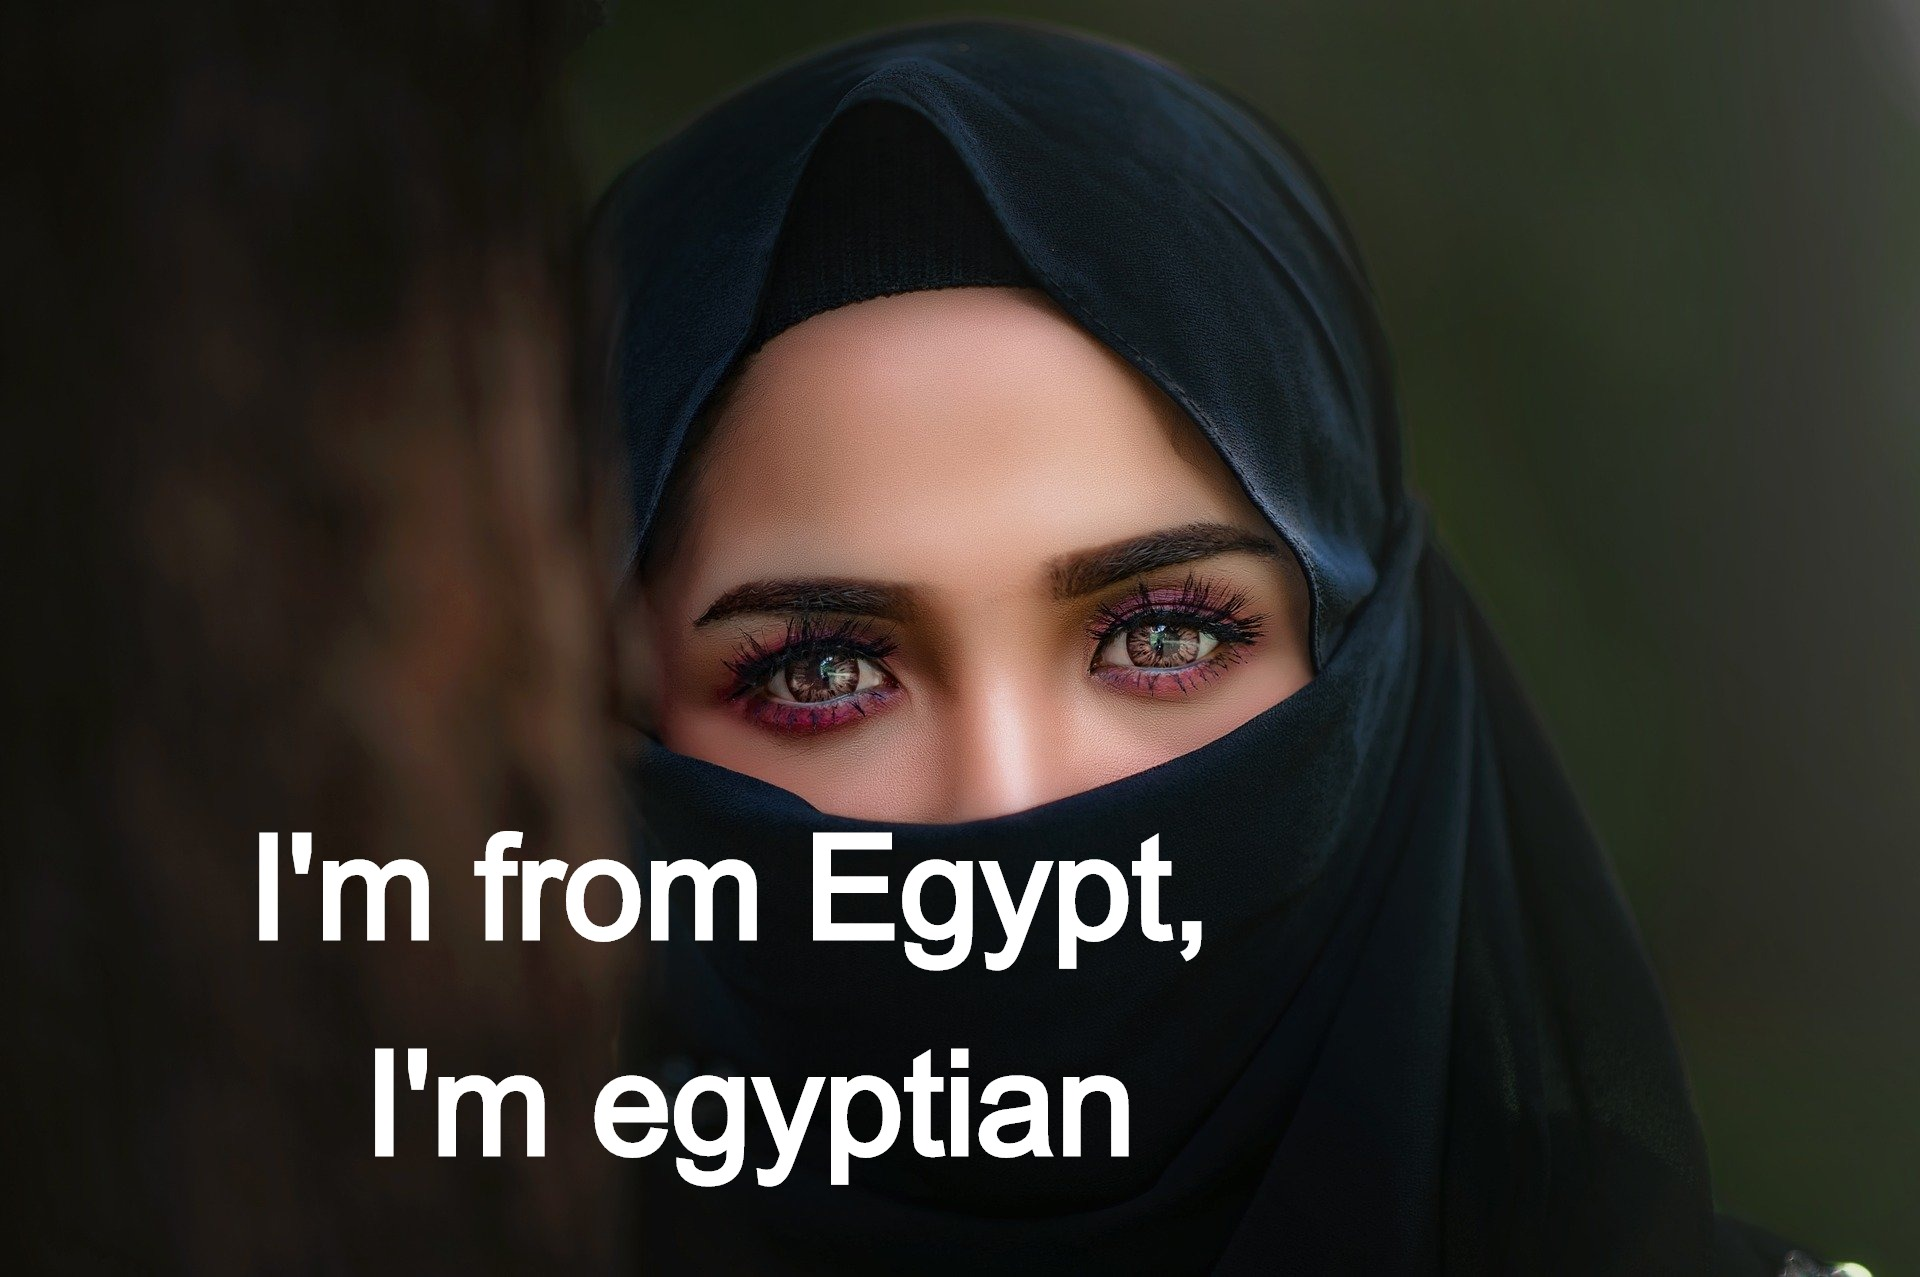 hijab-3064633_1920_edited